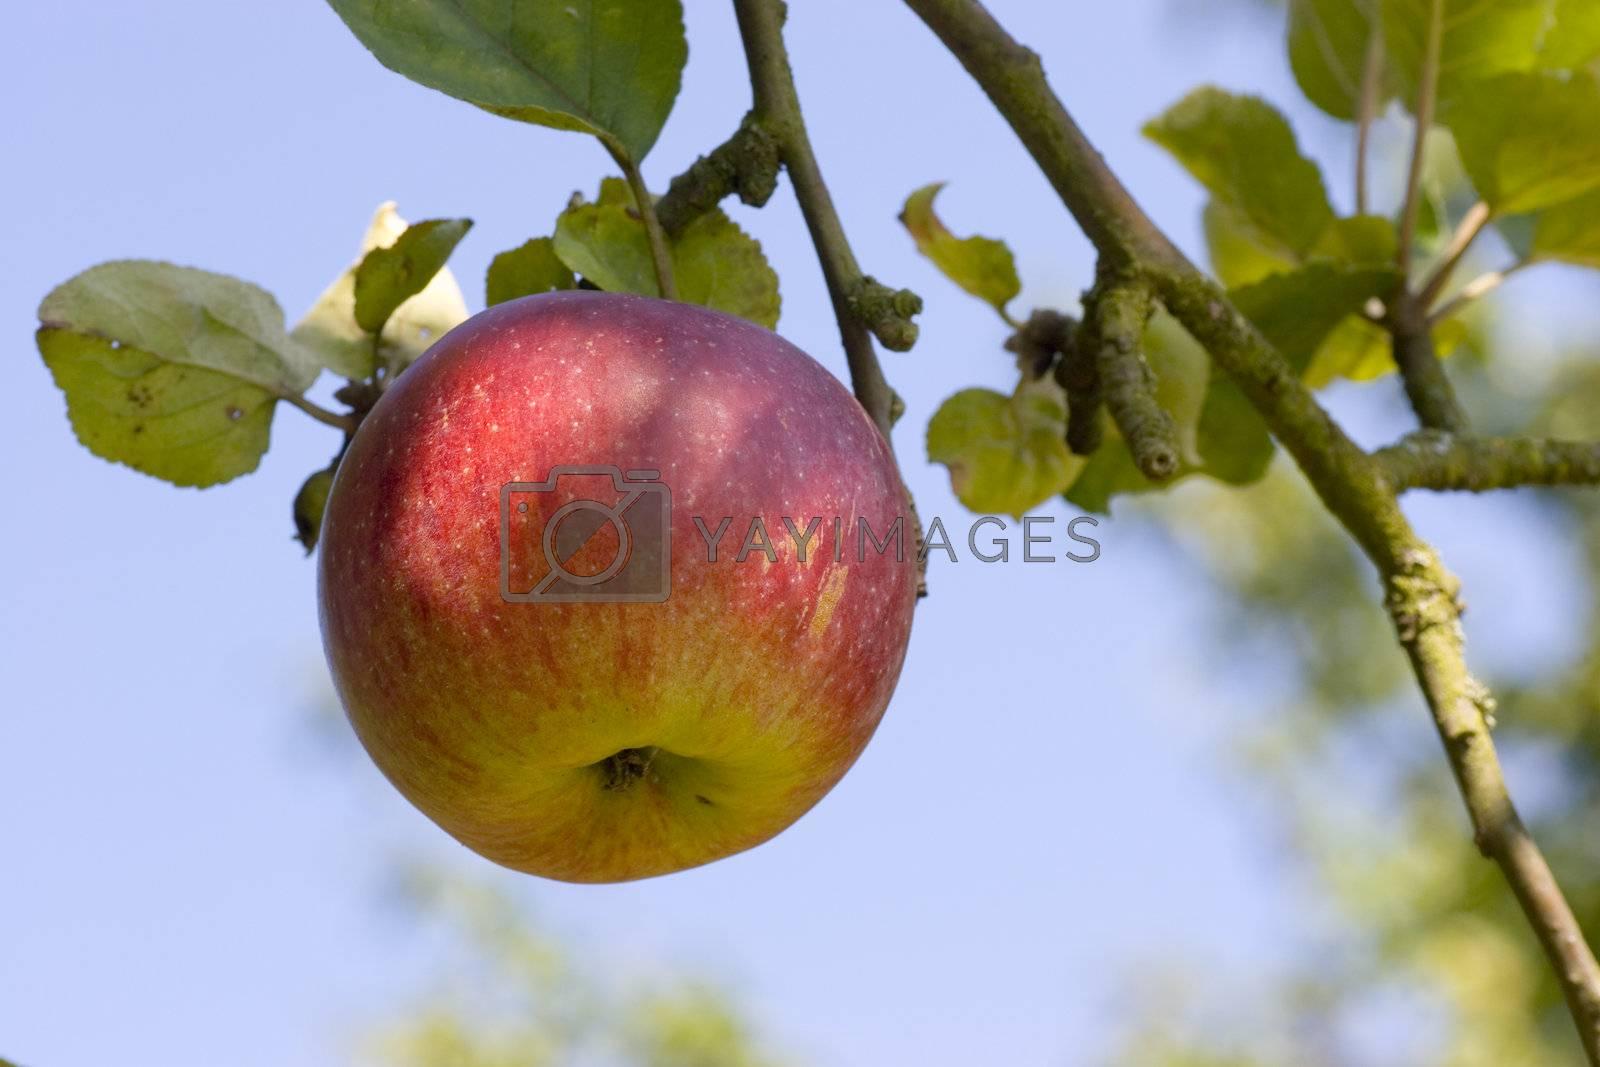 Apple on tree by ArtmannWitte